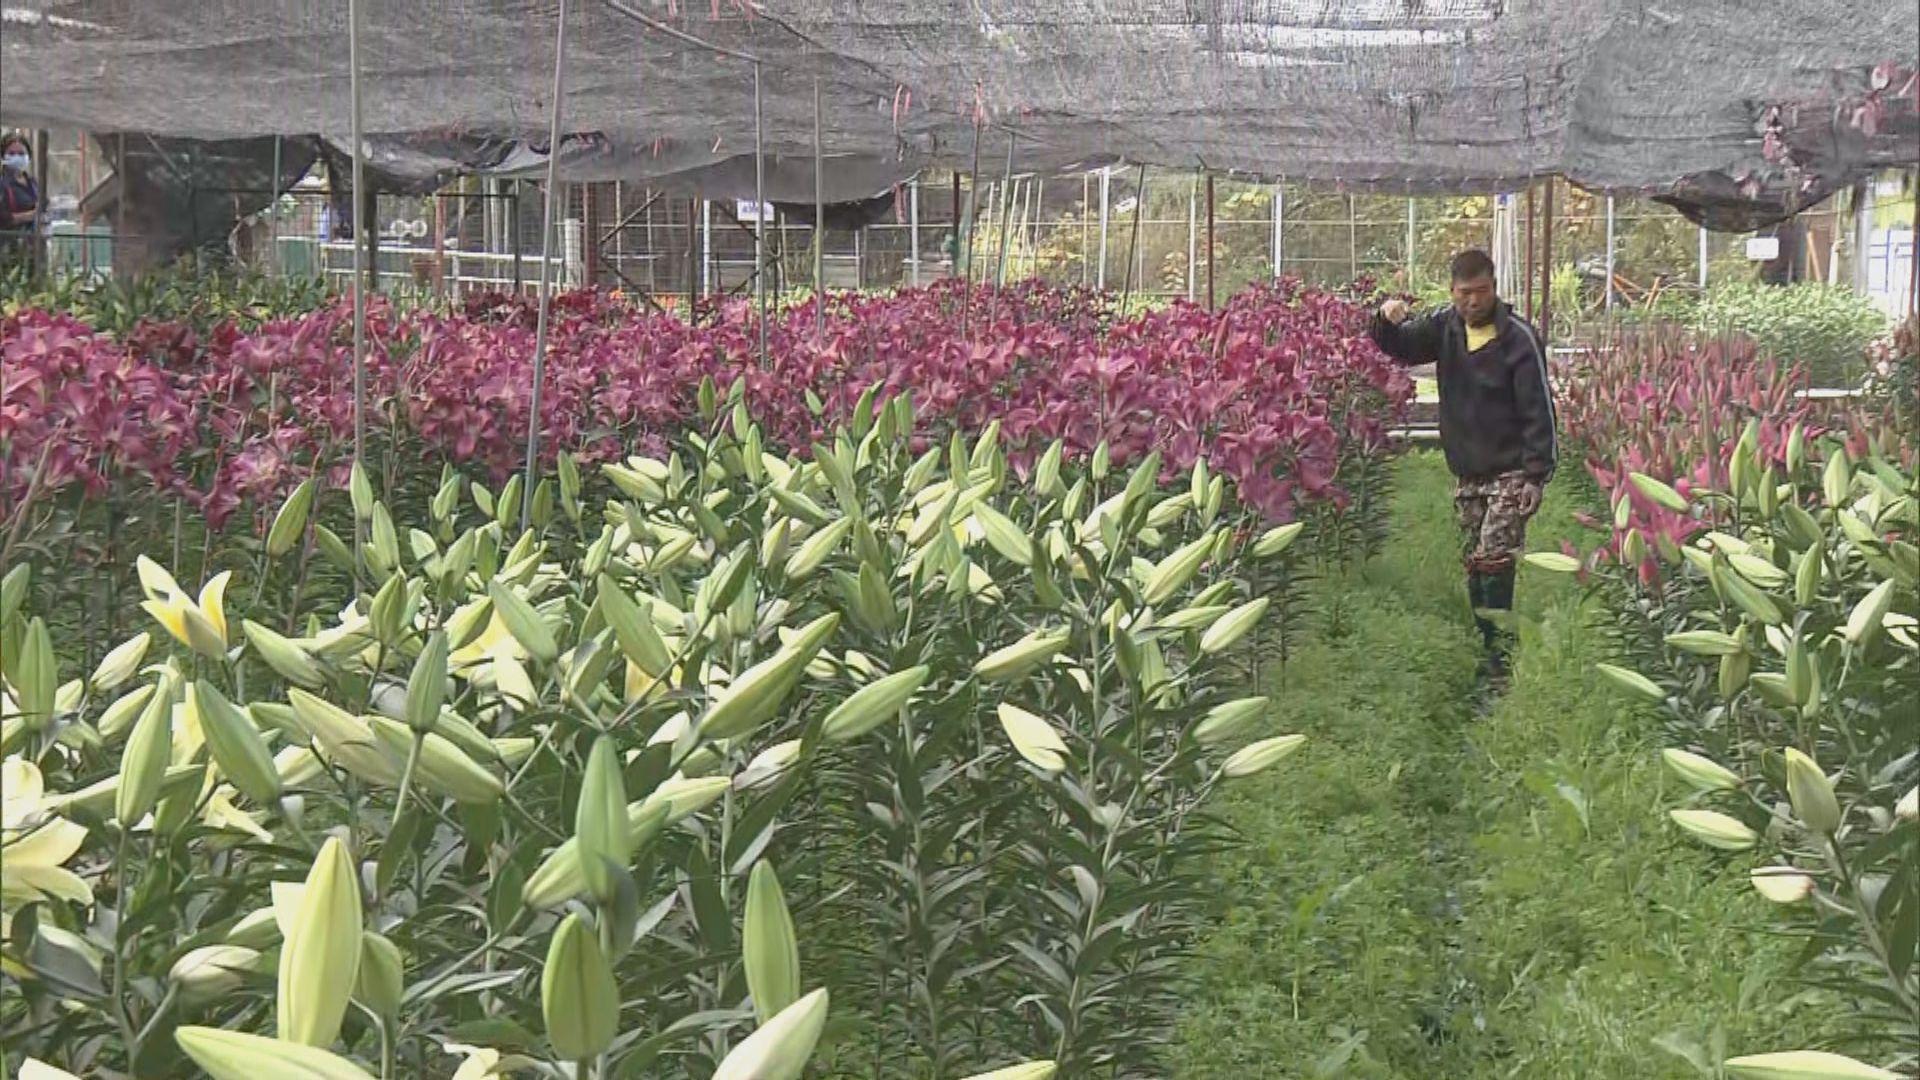 花市重開但批發市場仍取消 有花農批評政府安排混亂